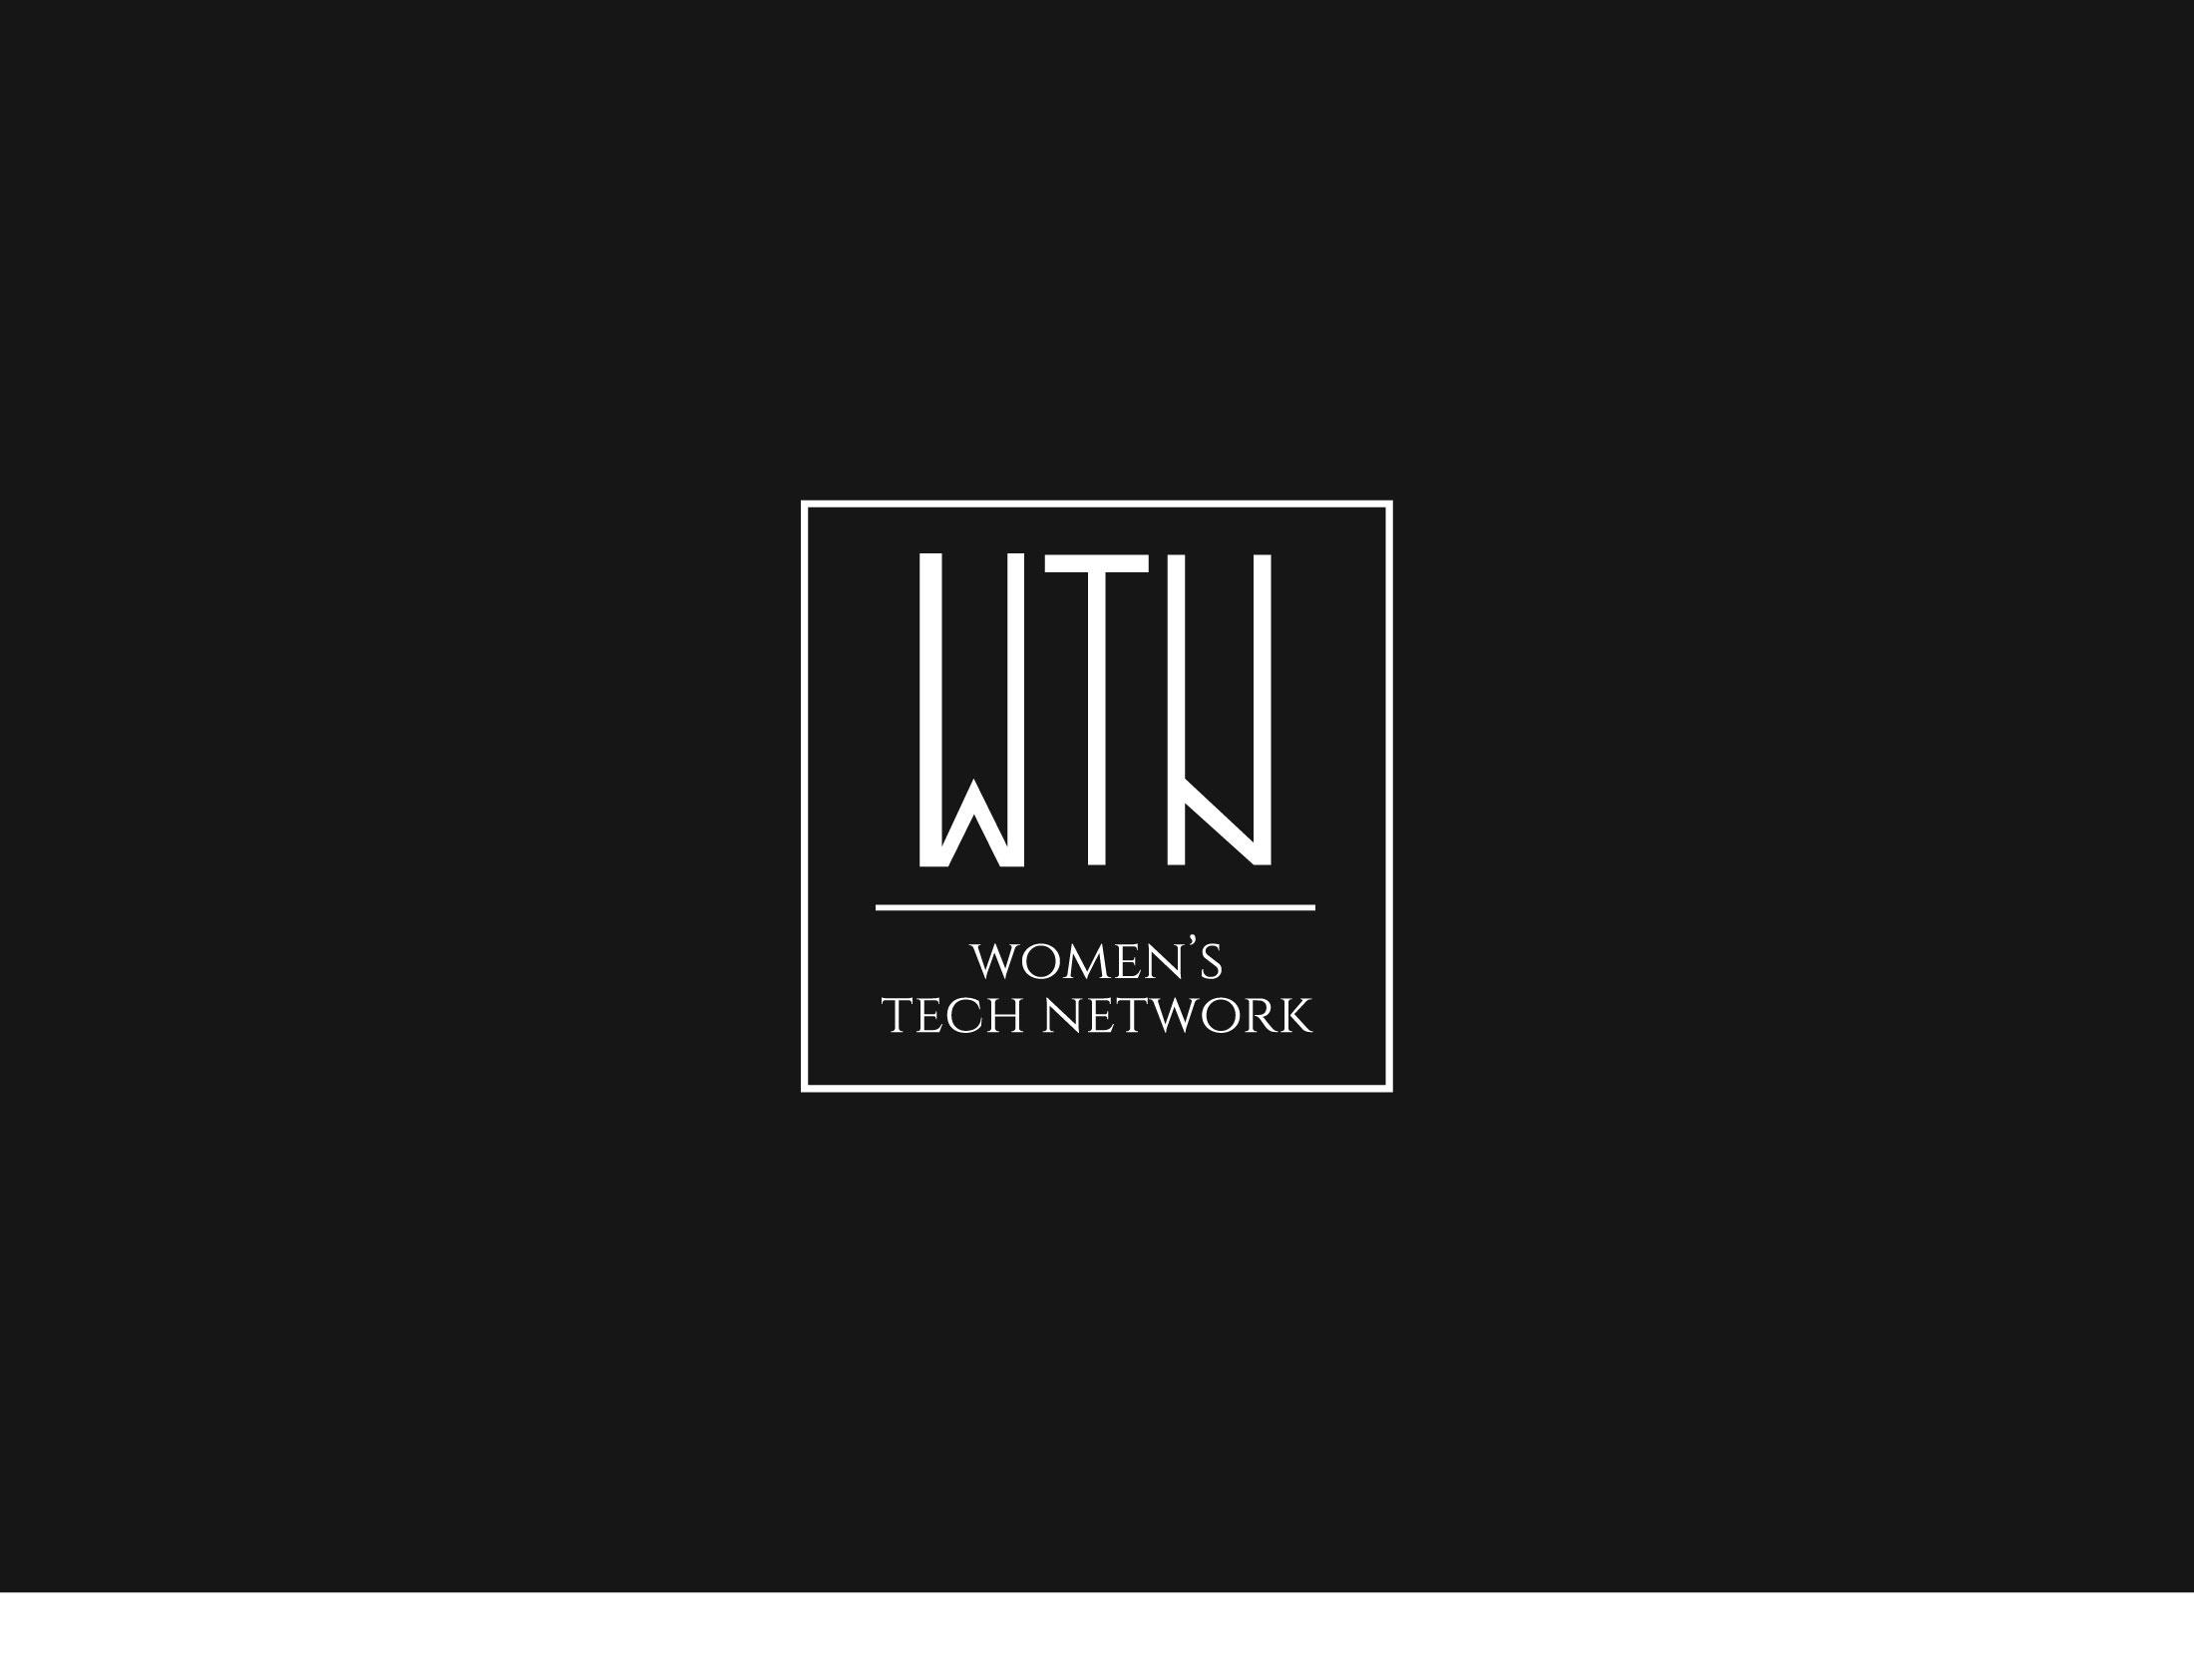 I will design a creative and unique logo.